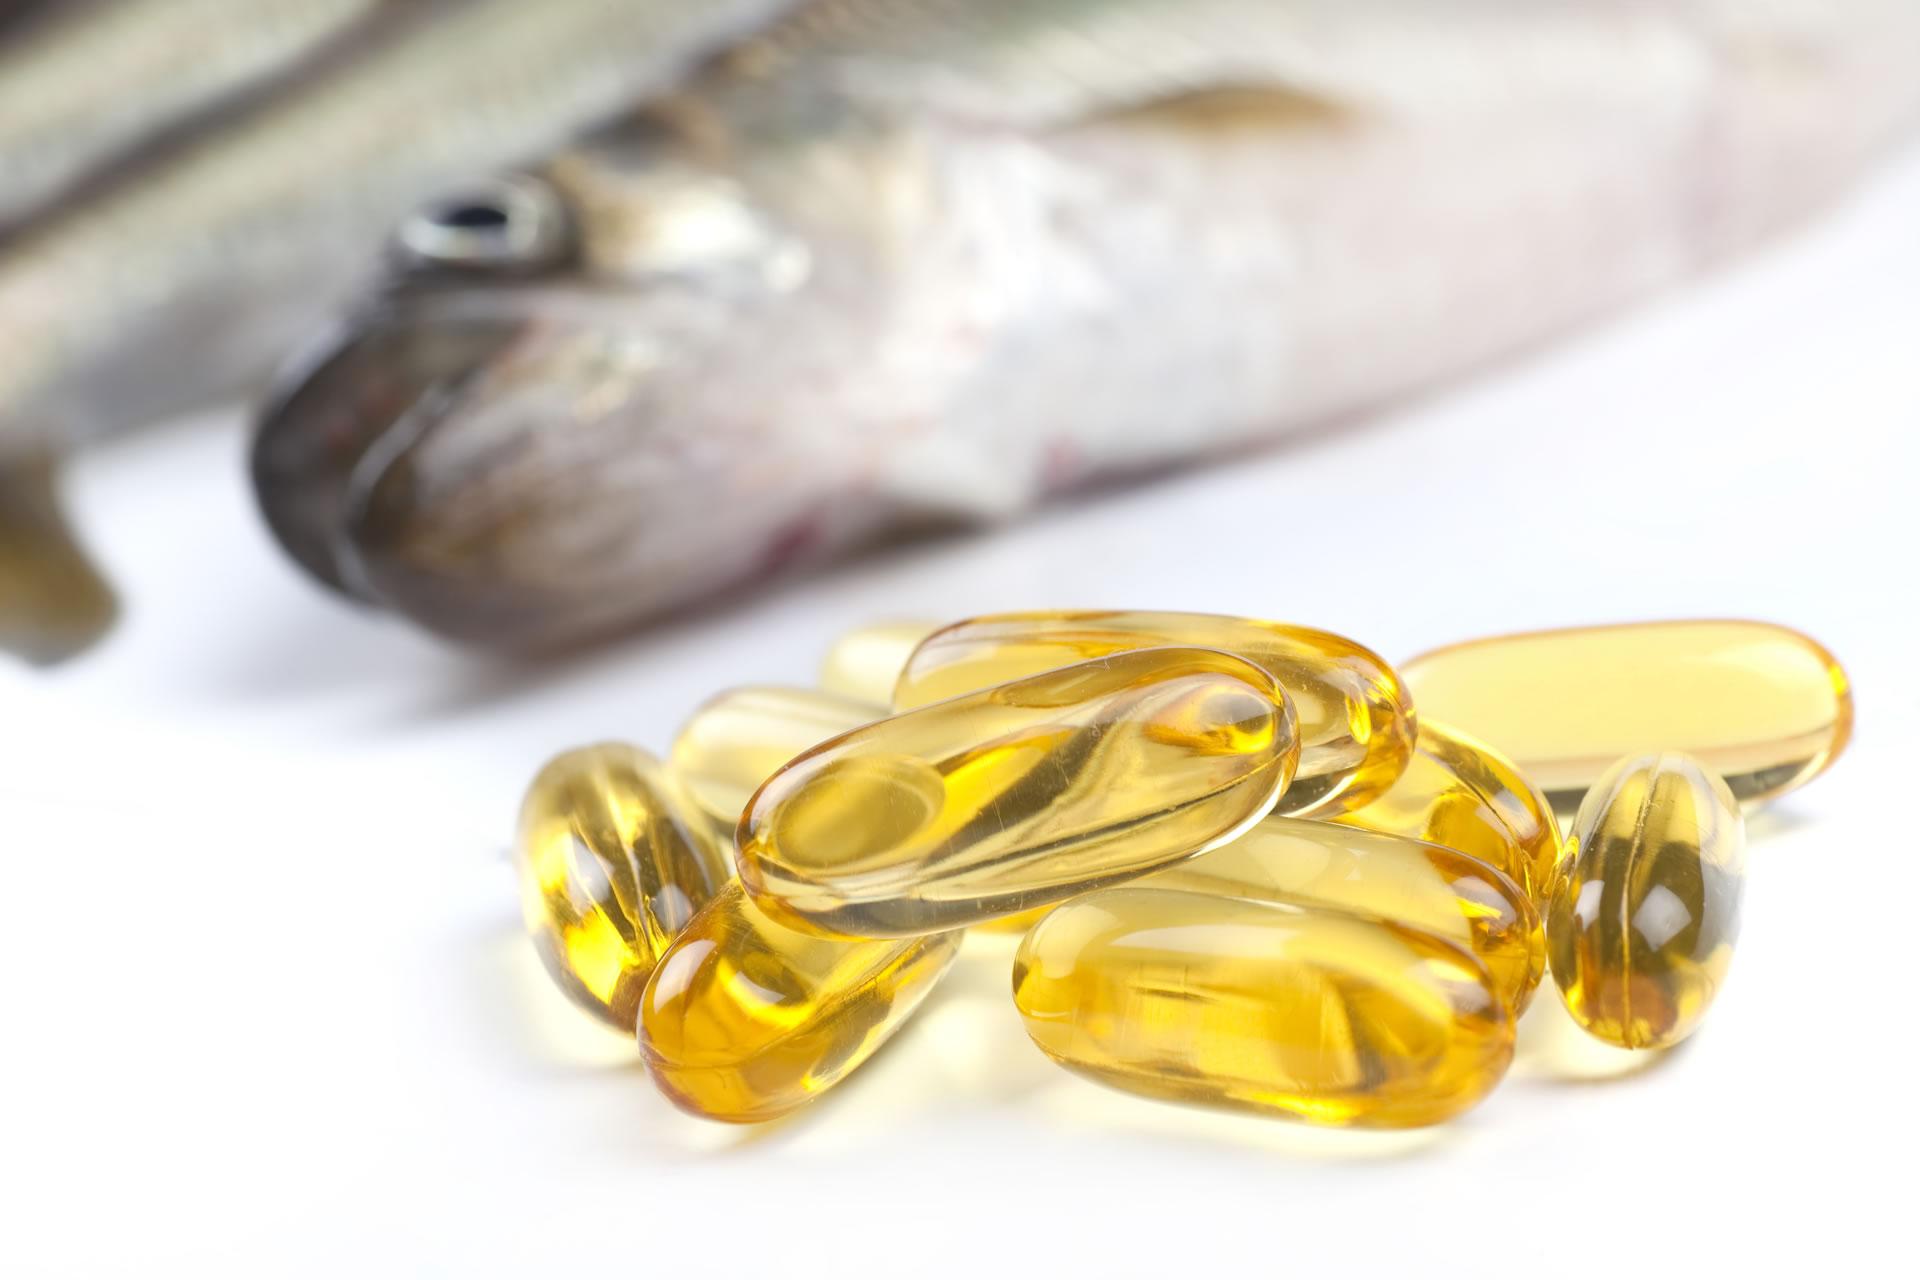 natürlicher Lieferant hochwertiger Omega-3-Fettsäuren